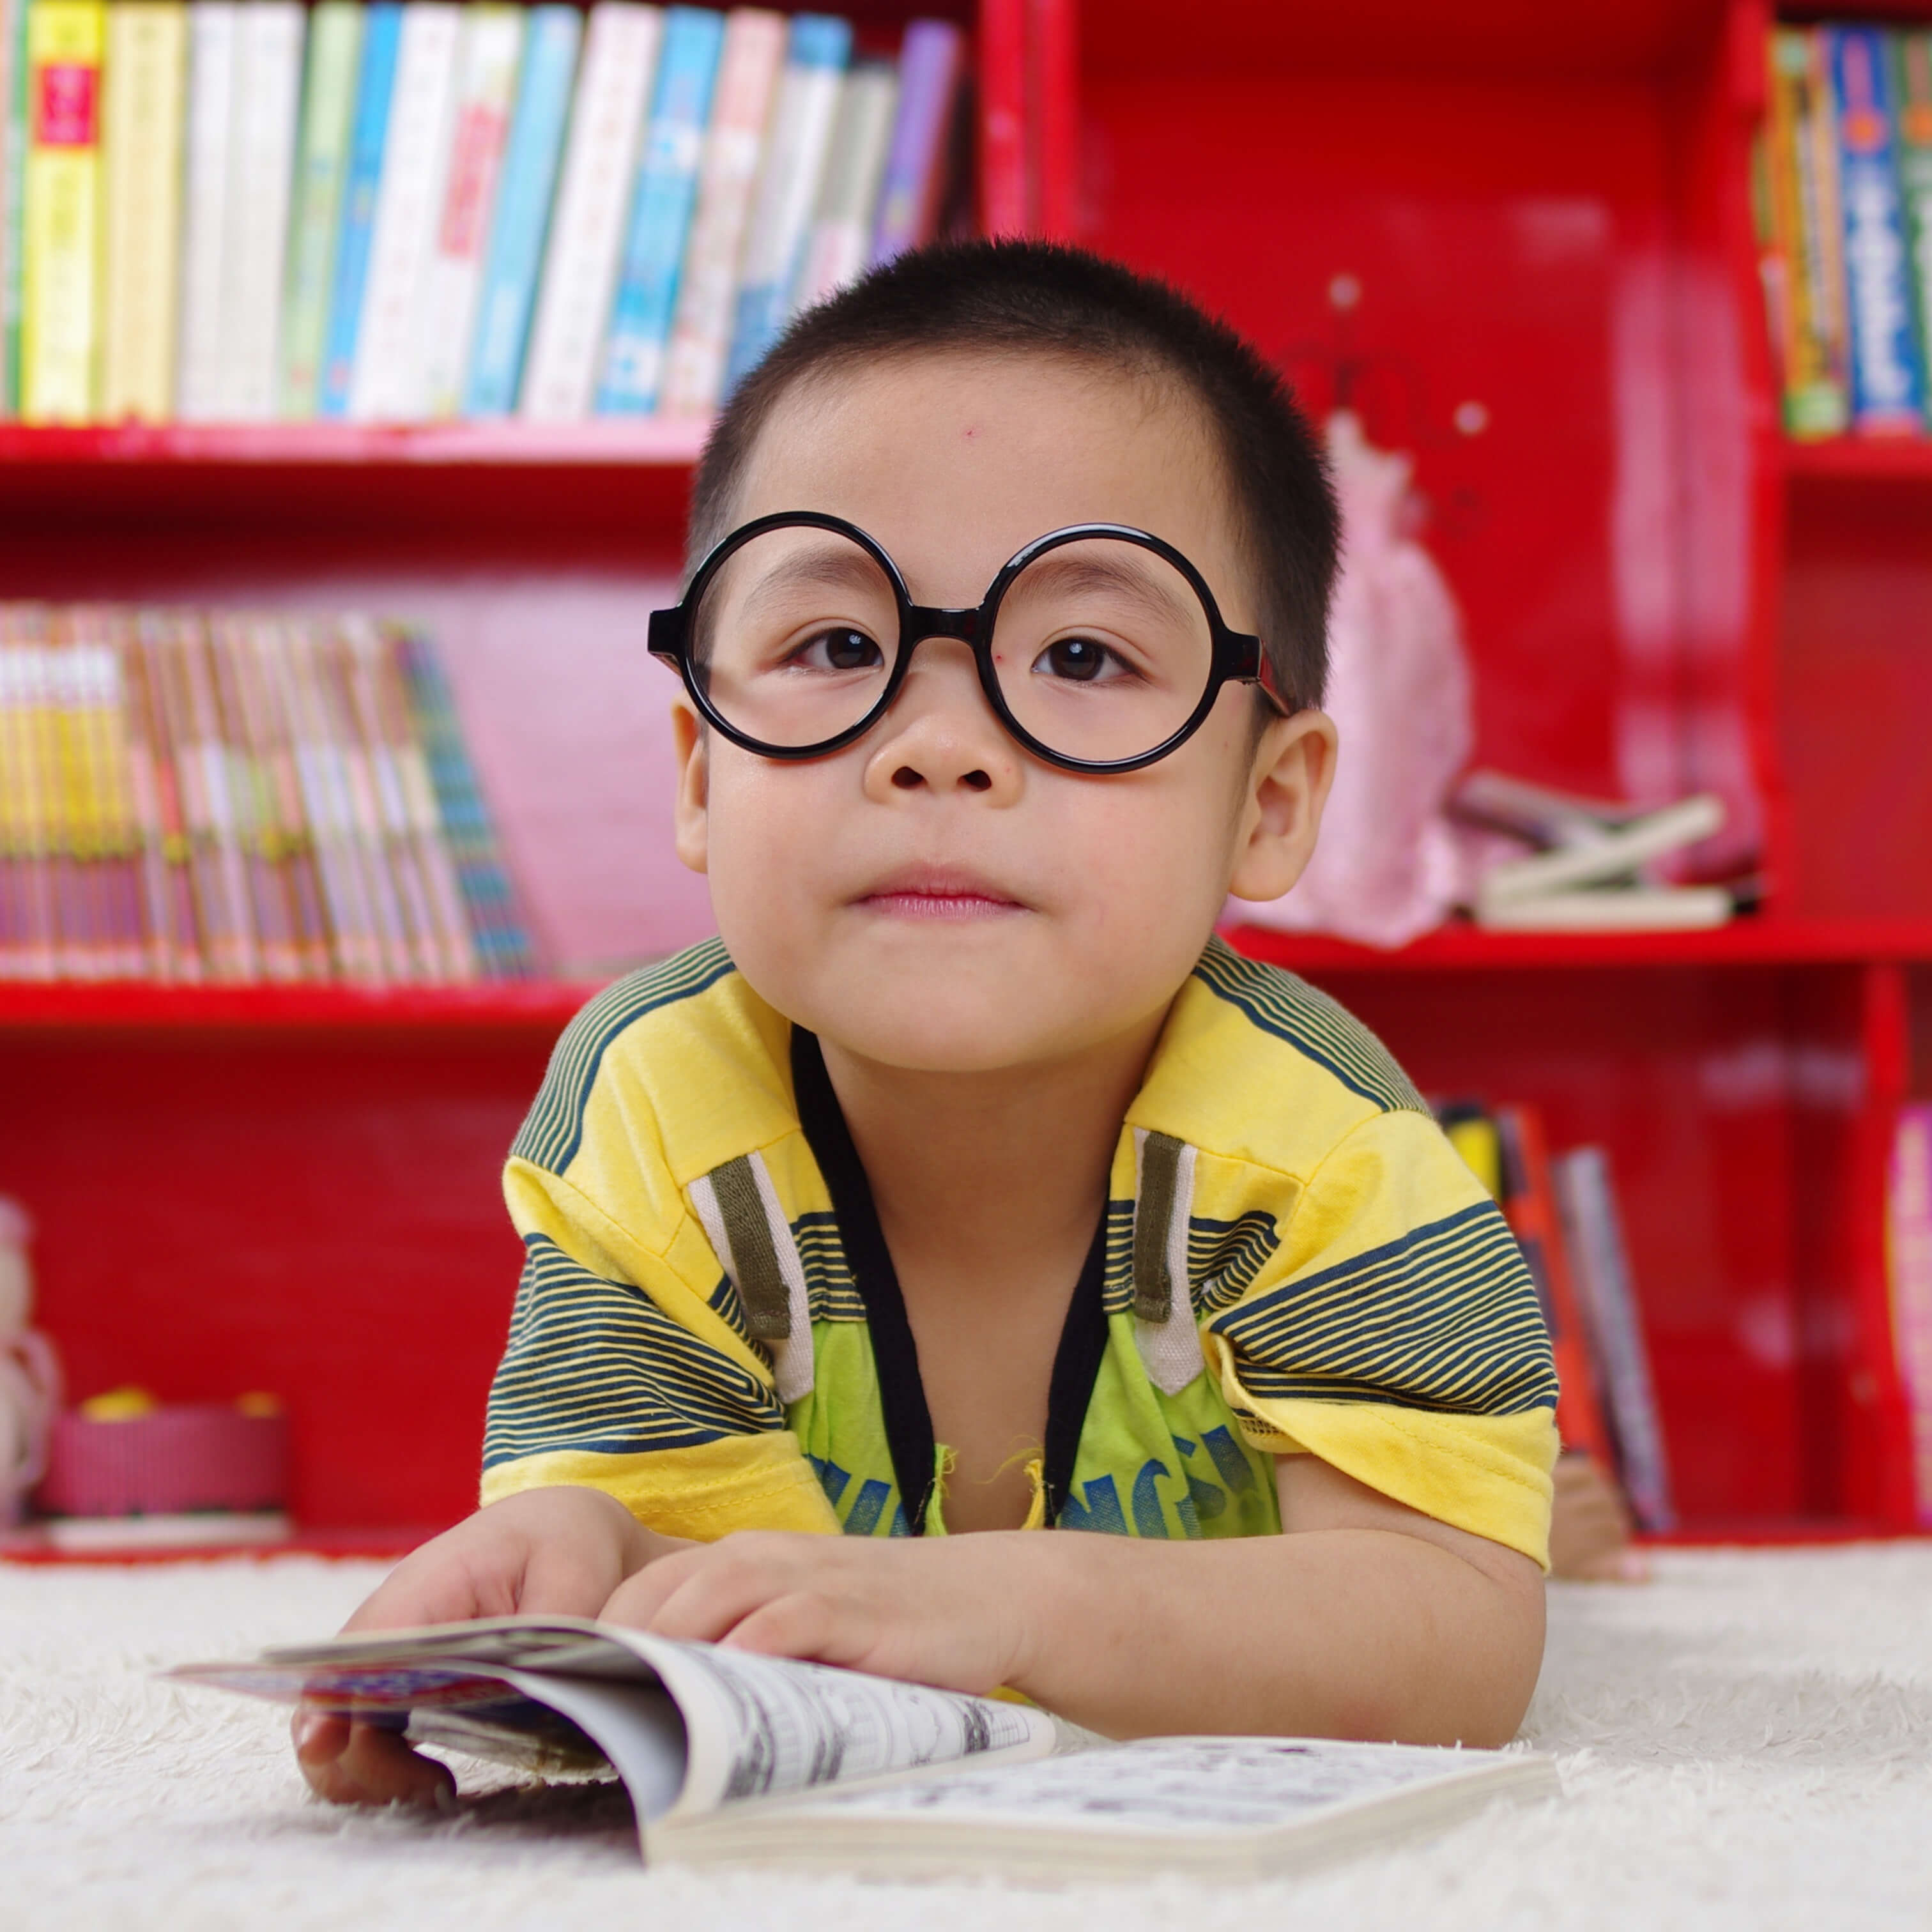 5 Ways to Raise a Child Reader